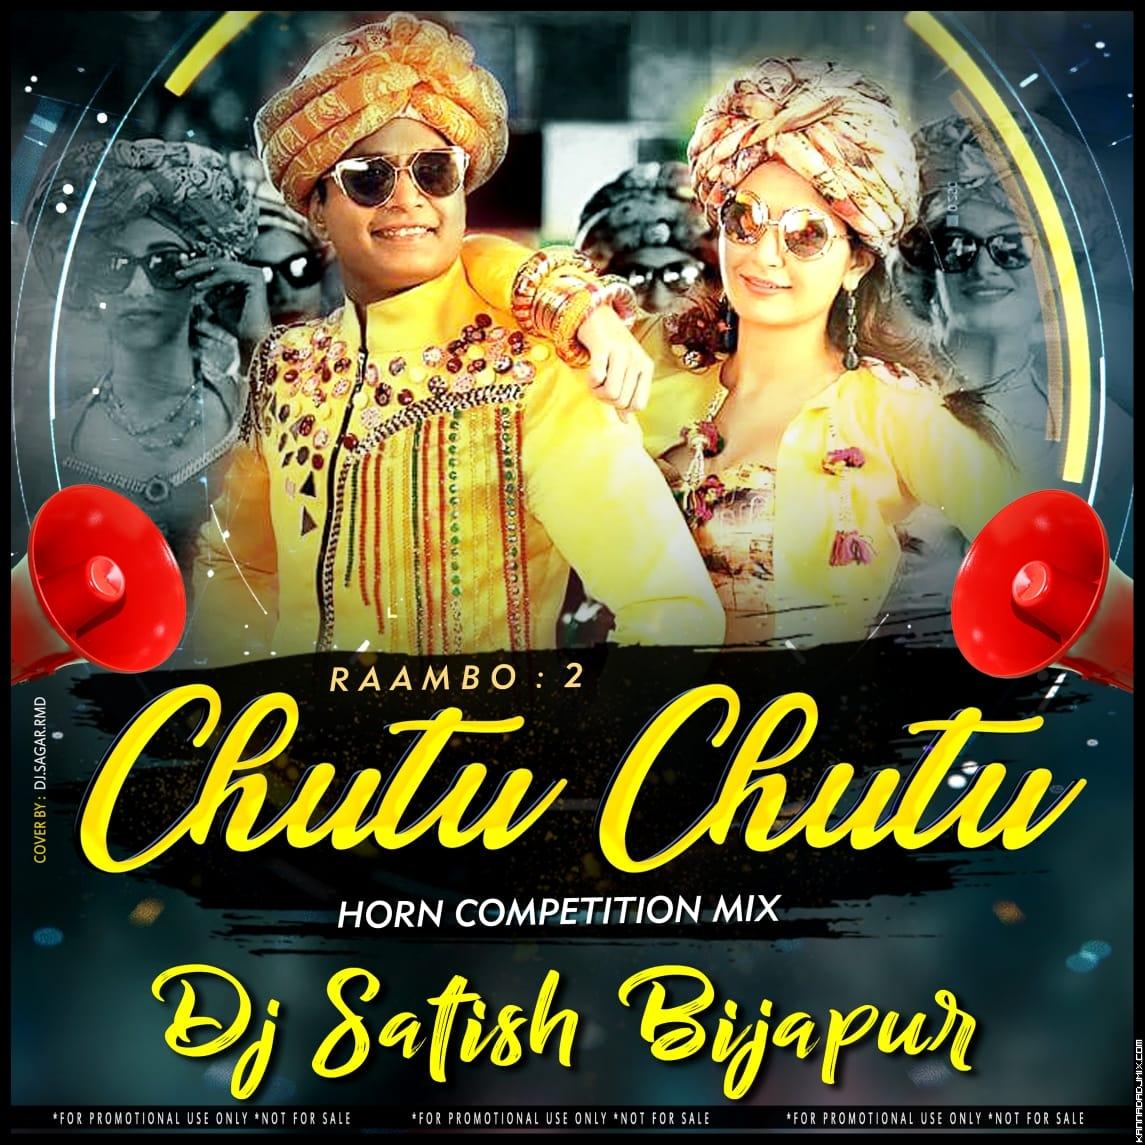 Chuttu Chuttu Raambo 2 - Dj Satish Bijapur Remix.mp3